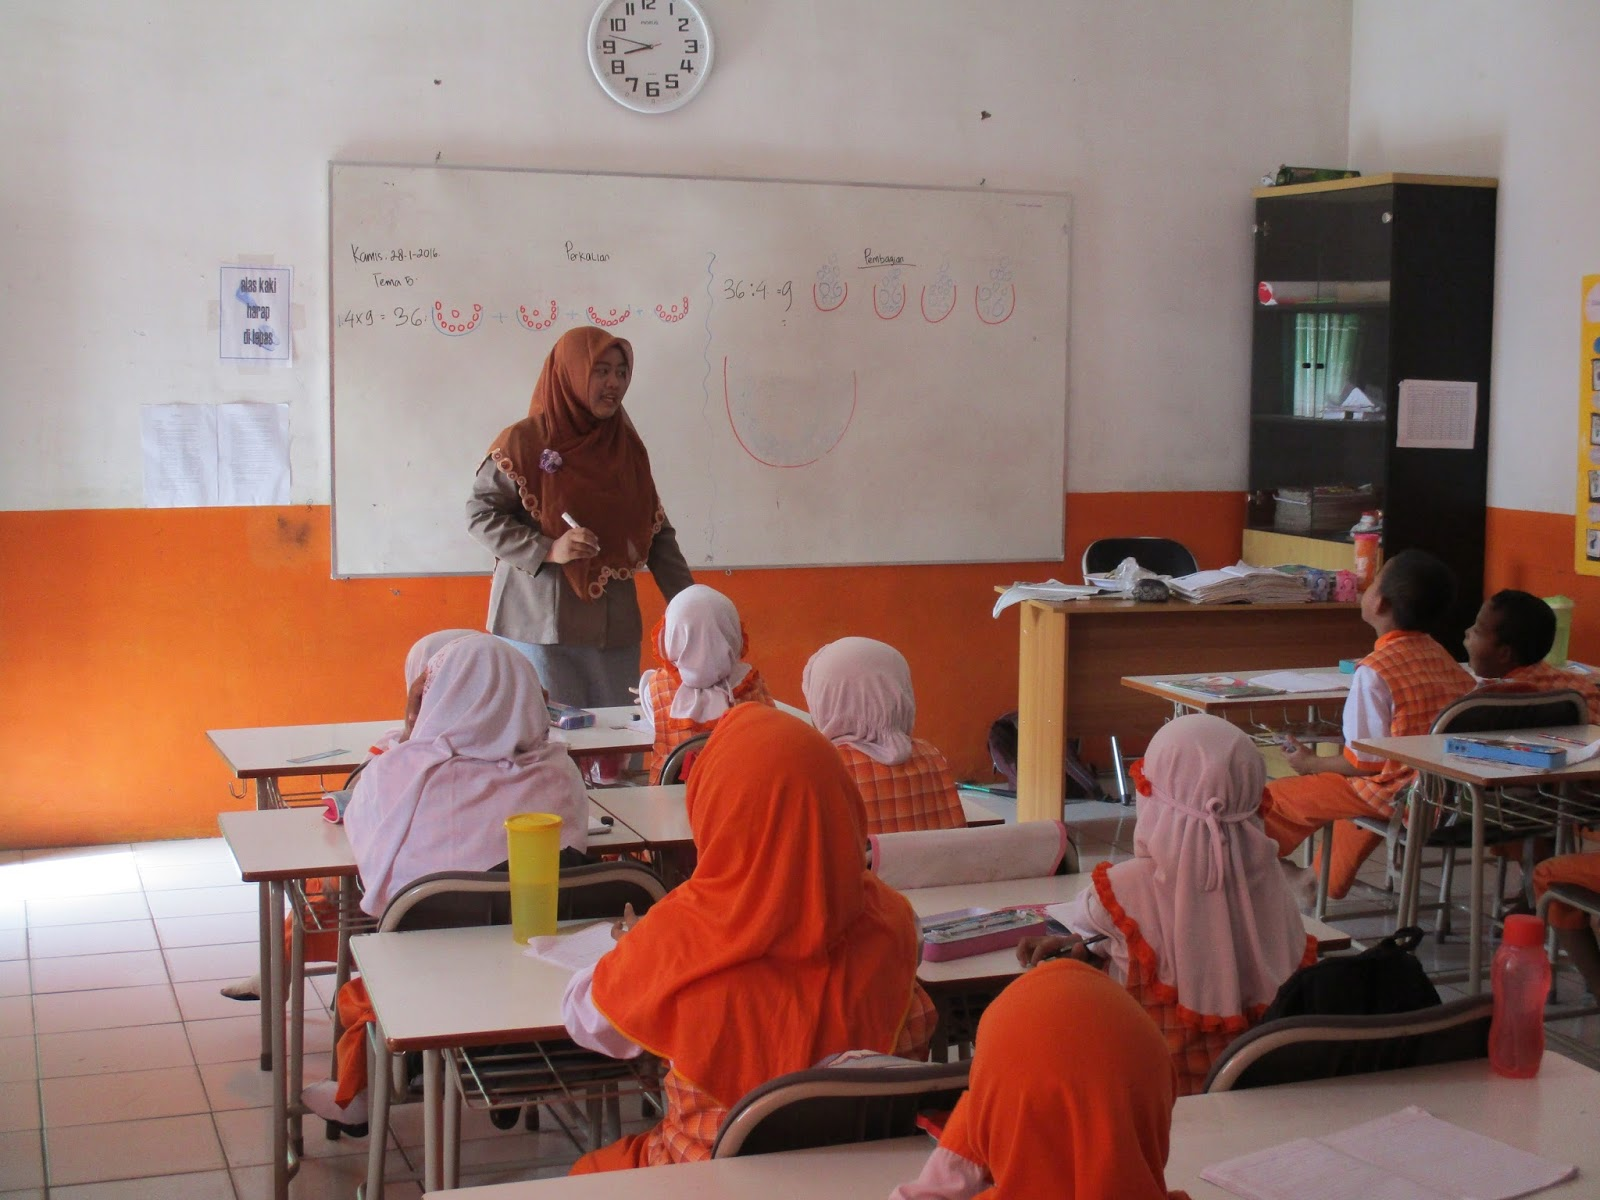 CILEGON Kegiatan KBM Siswa Siswi kelas 2 SD Juara Cilegon pada hari Kamis 28 01 ialah belajar mengenai perkalian dan pembagian